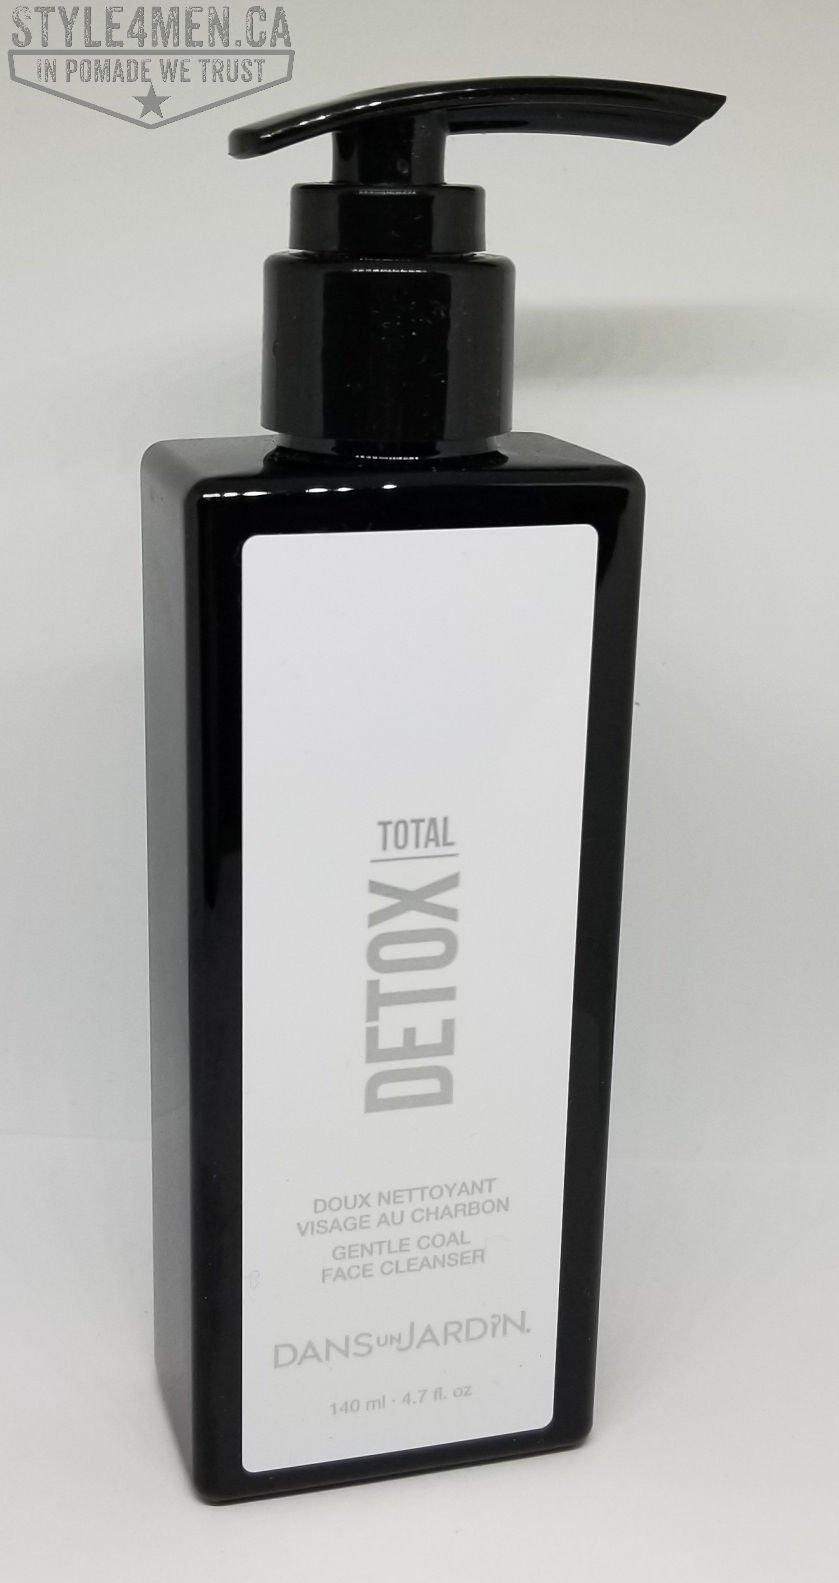 TOTAL DETOX Charcoal Face Wash from 'Dans un Jardin '